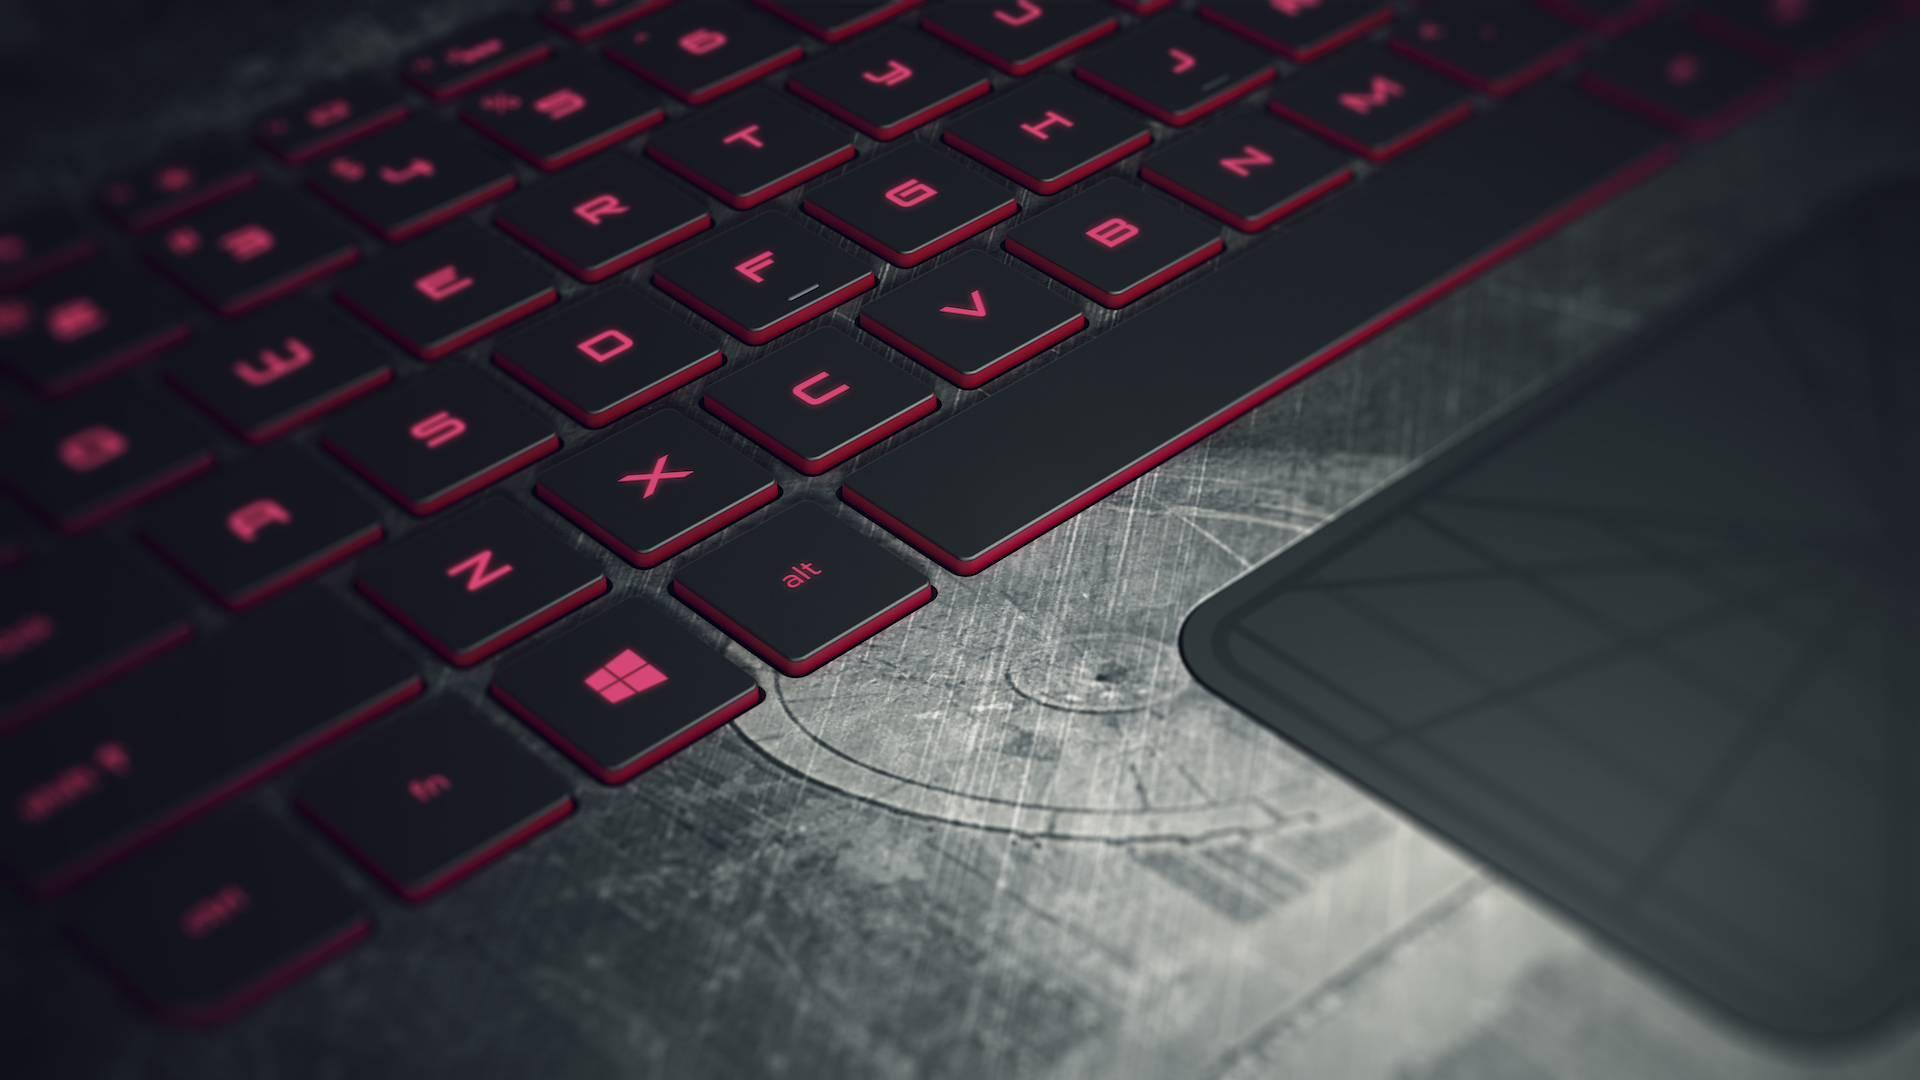 star-wars-hp-keyboard-trackpad